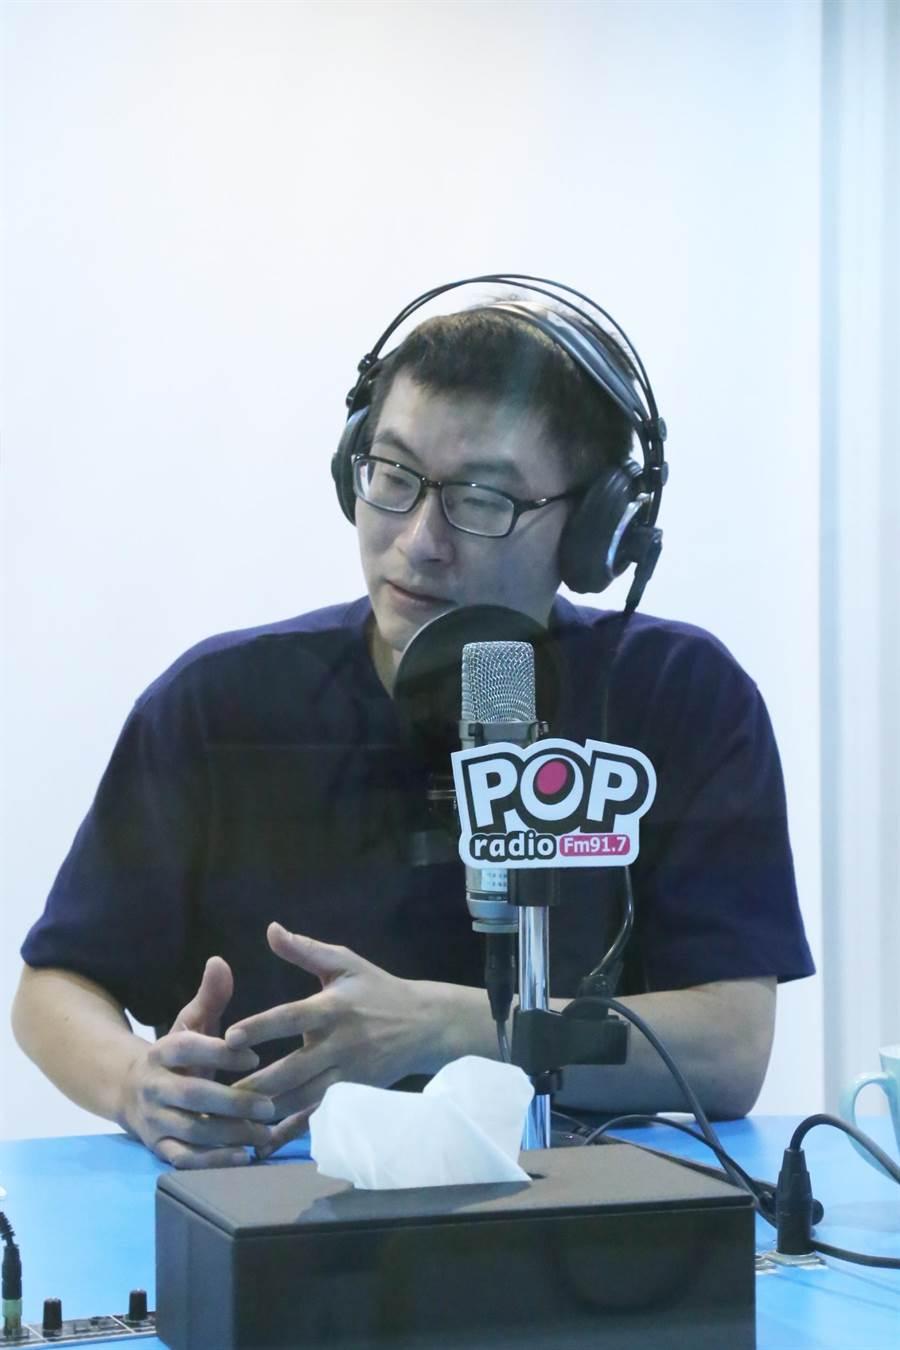 民進黨台北市議員梁文傑今接受《POP搶先爆》專訪坦言,部分選區議員席次可能會減少1席,但不會每區都掉1席。(《POP搶先爆》提供)